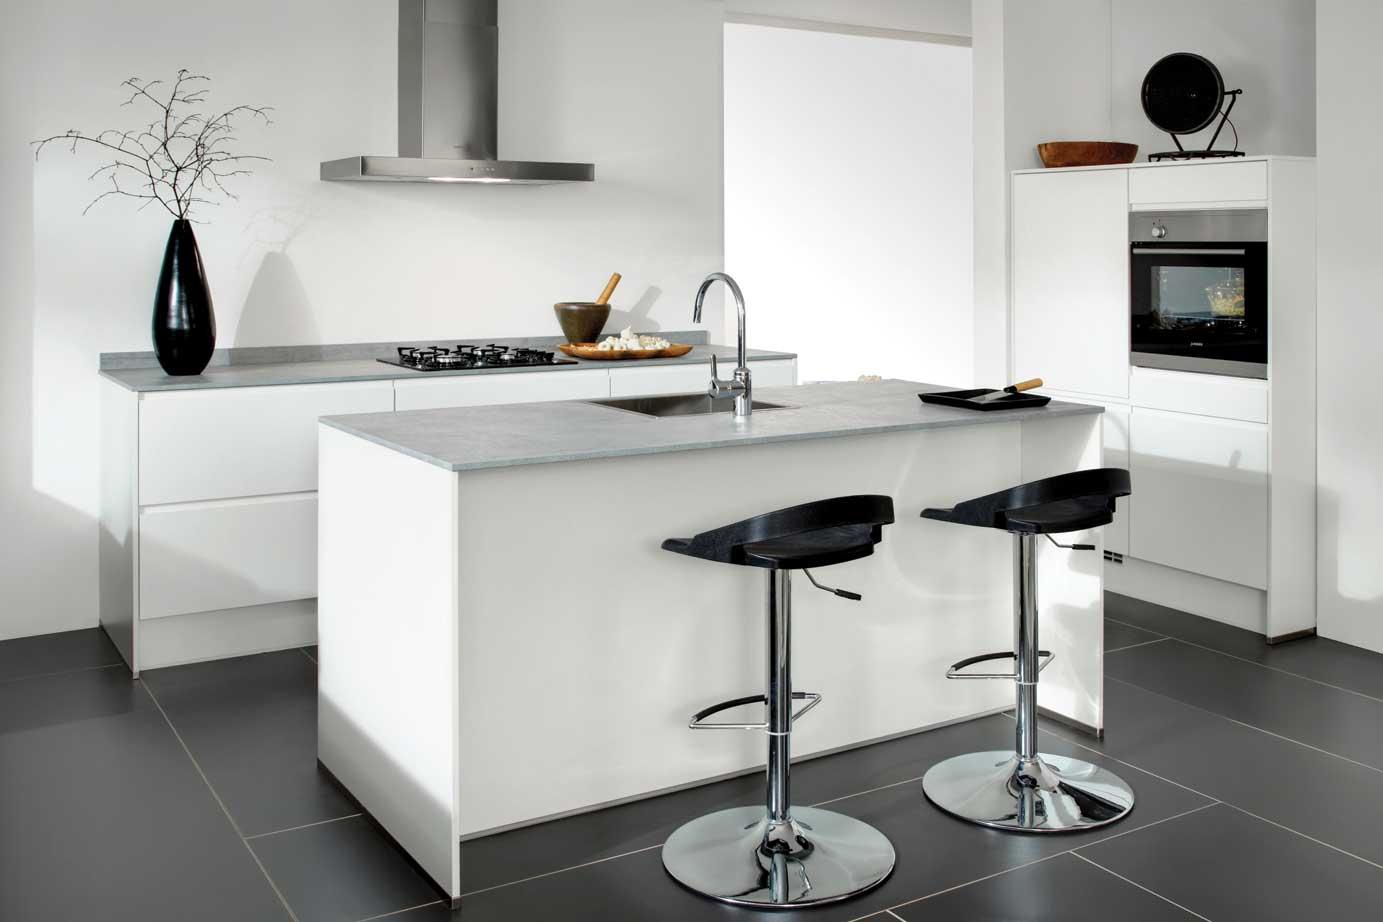 Onze moderne keukens eigentijds en doordacht lees meer pelma